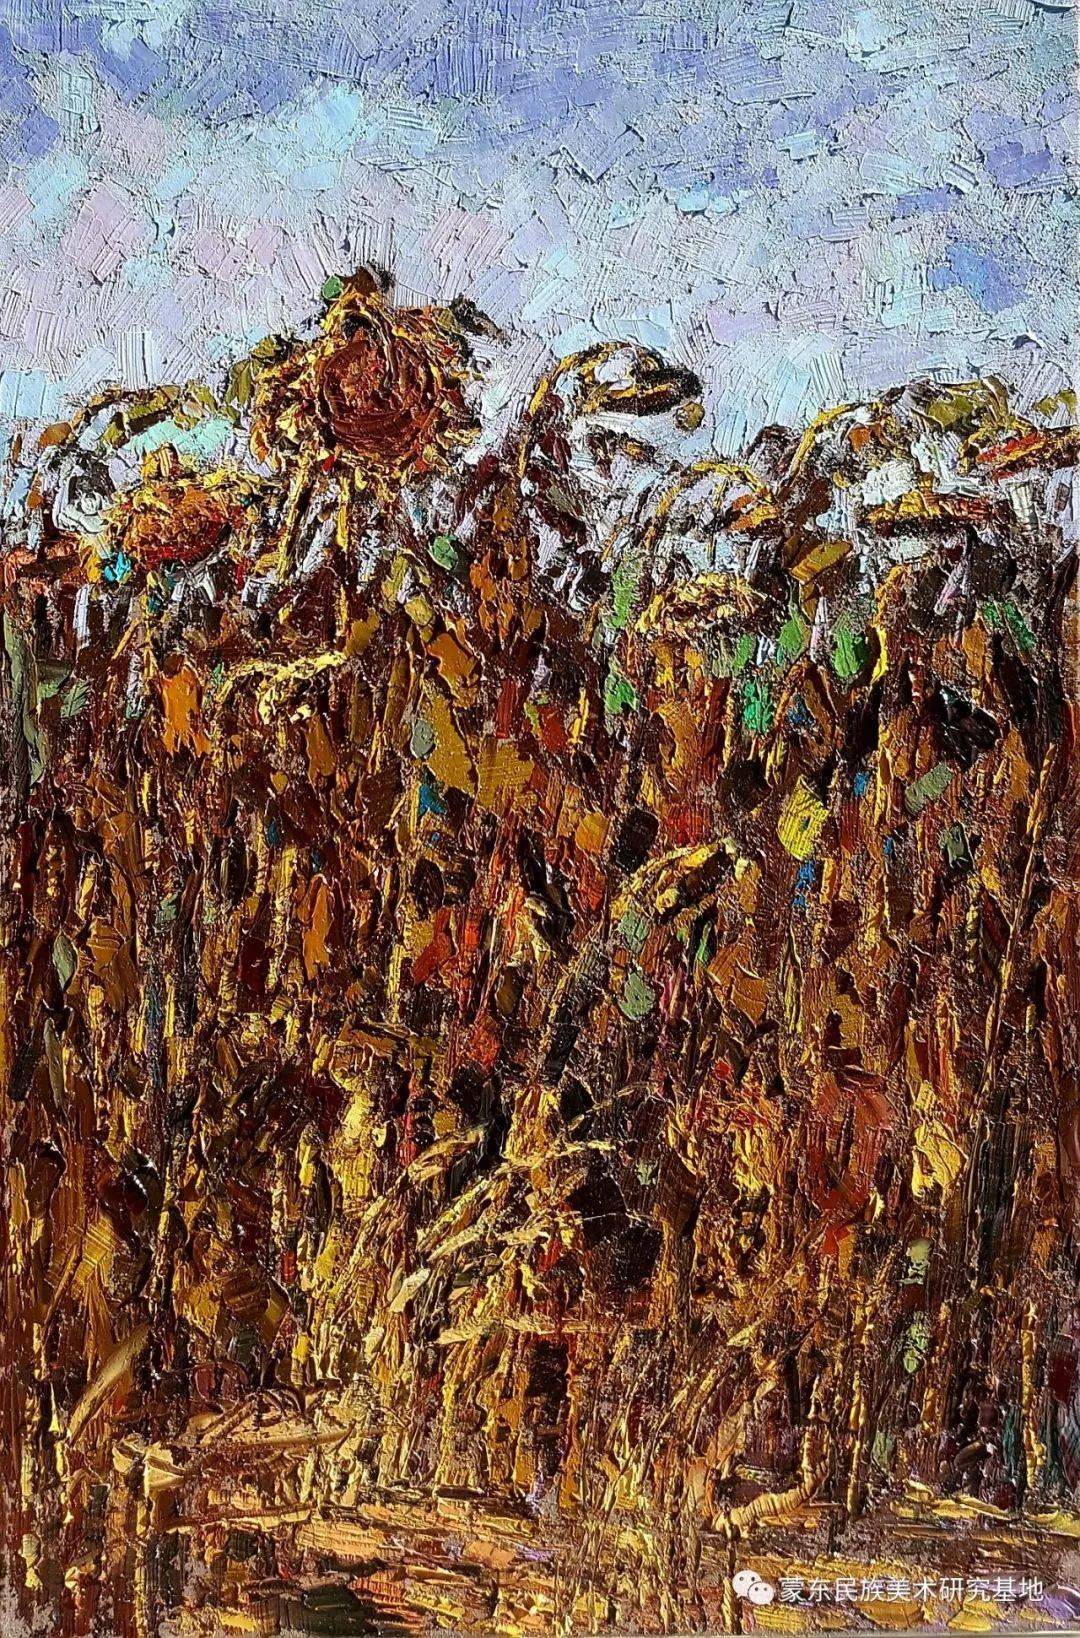 巴图油画作品——中国少数民族美术促进会,蒙东民族美术研究基地画家系列 第2张 巴图油画作品——中国少数民族美术促进会,蒙东民族美术研究基地画家系列 蒙古画廊